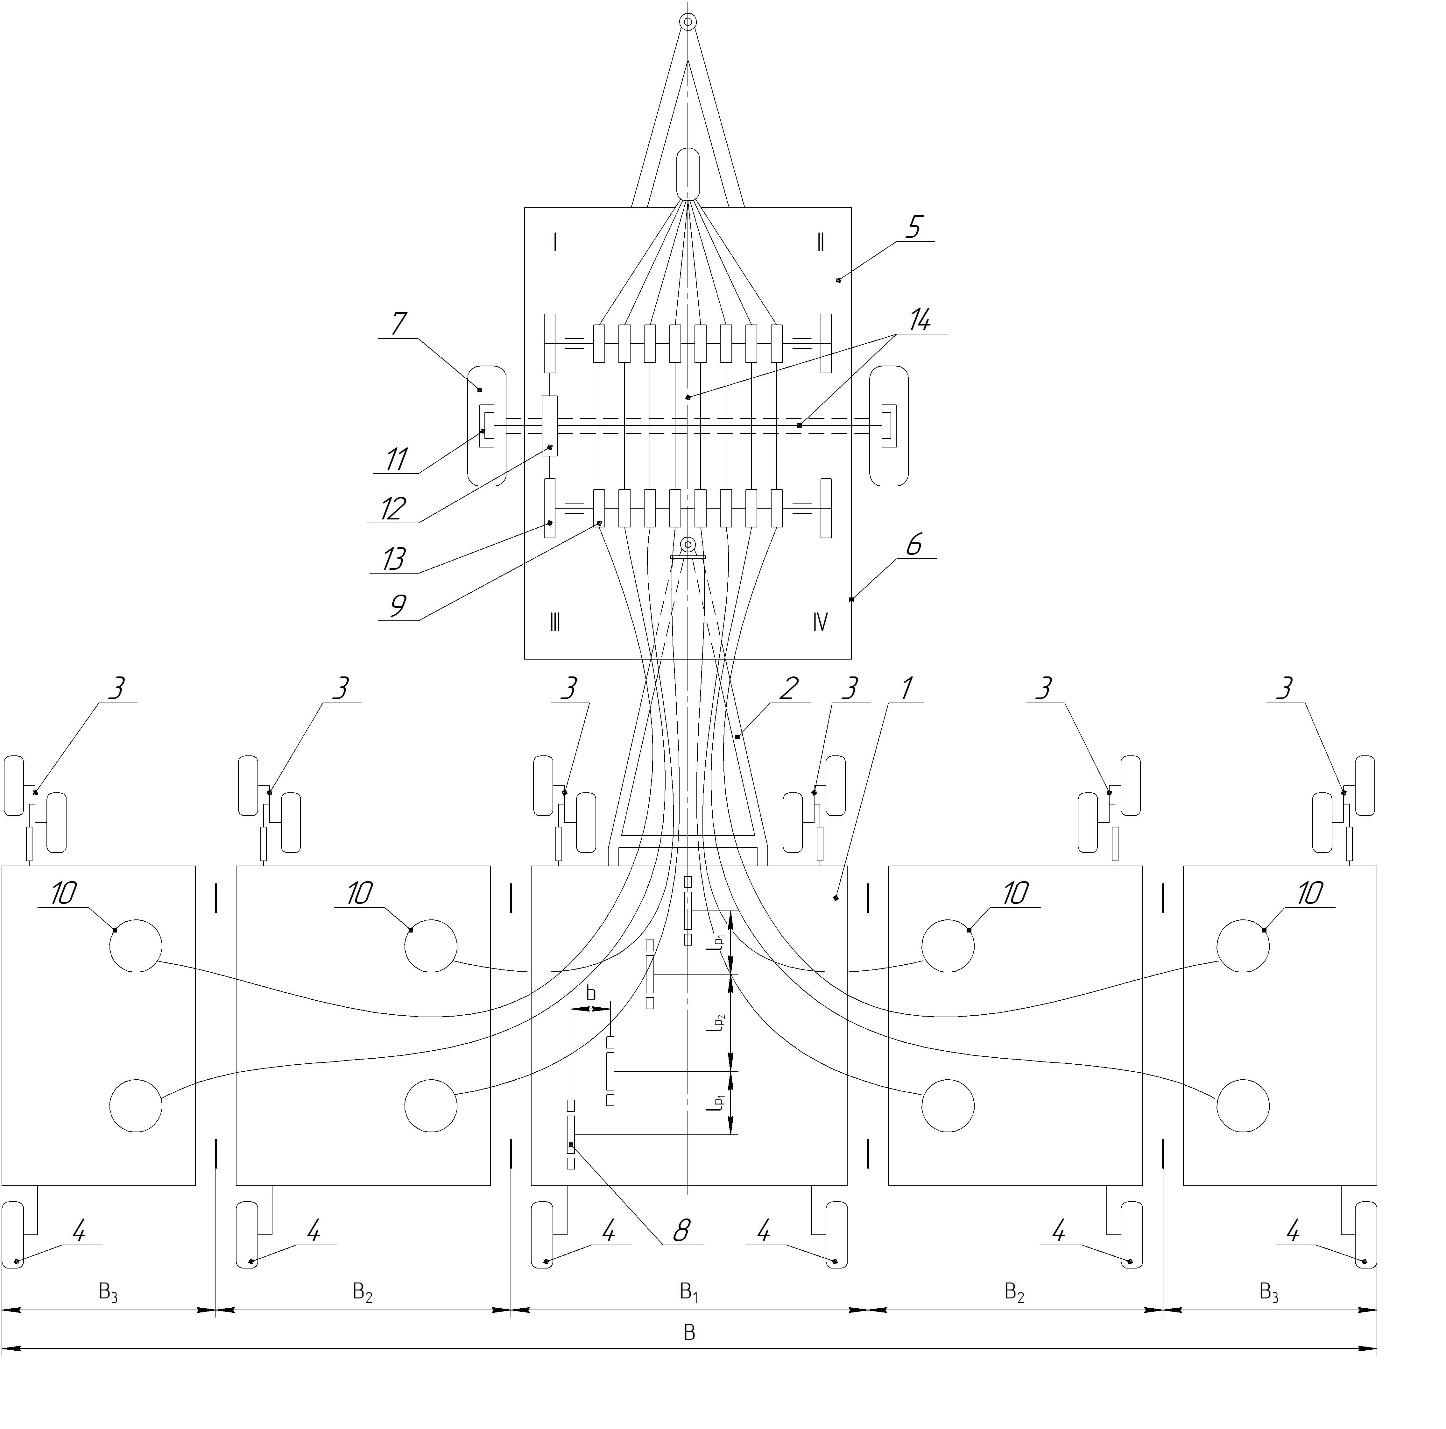 word image 244 Разработка конструктивной схемы и обоснование параметров почвообрабатывающего посевного агрегата с пневматическим высевом семян для тракторов класса тяги 5